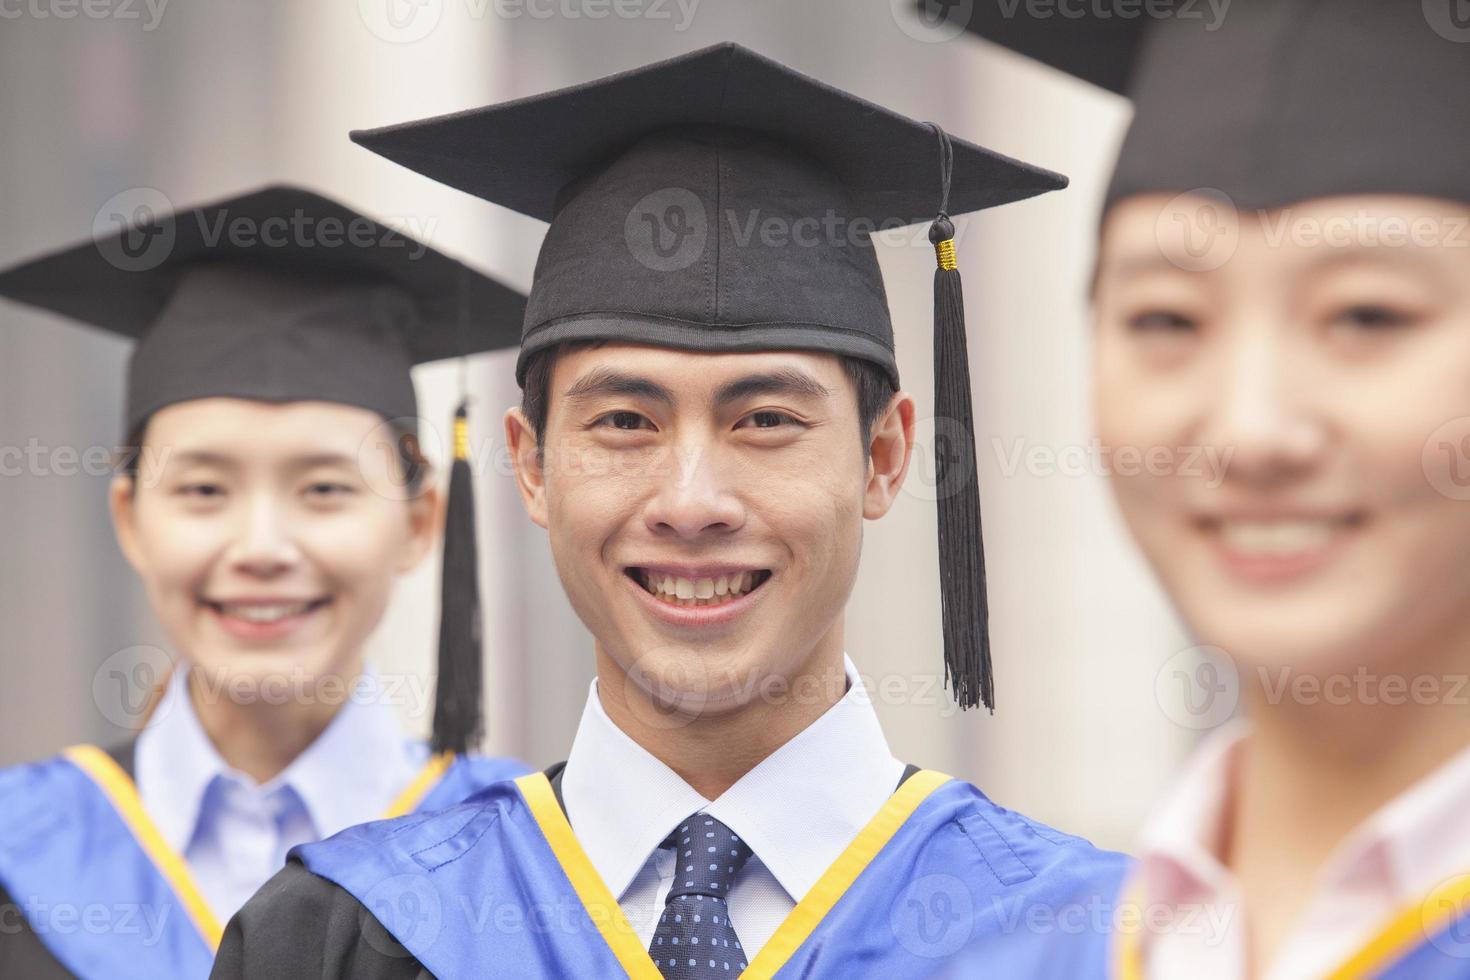 tres graduados universitarios sonriendo seguidos foto